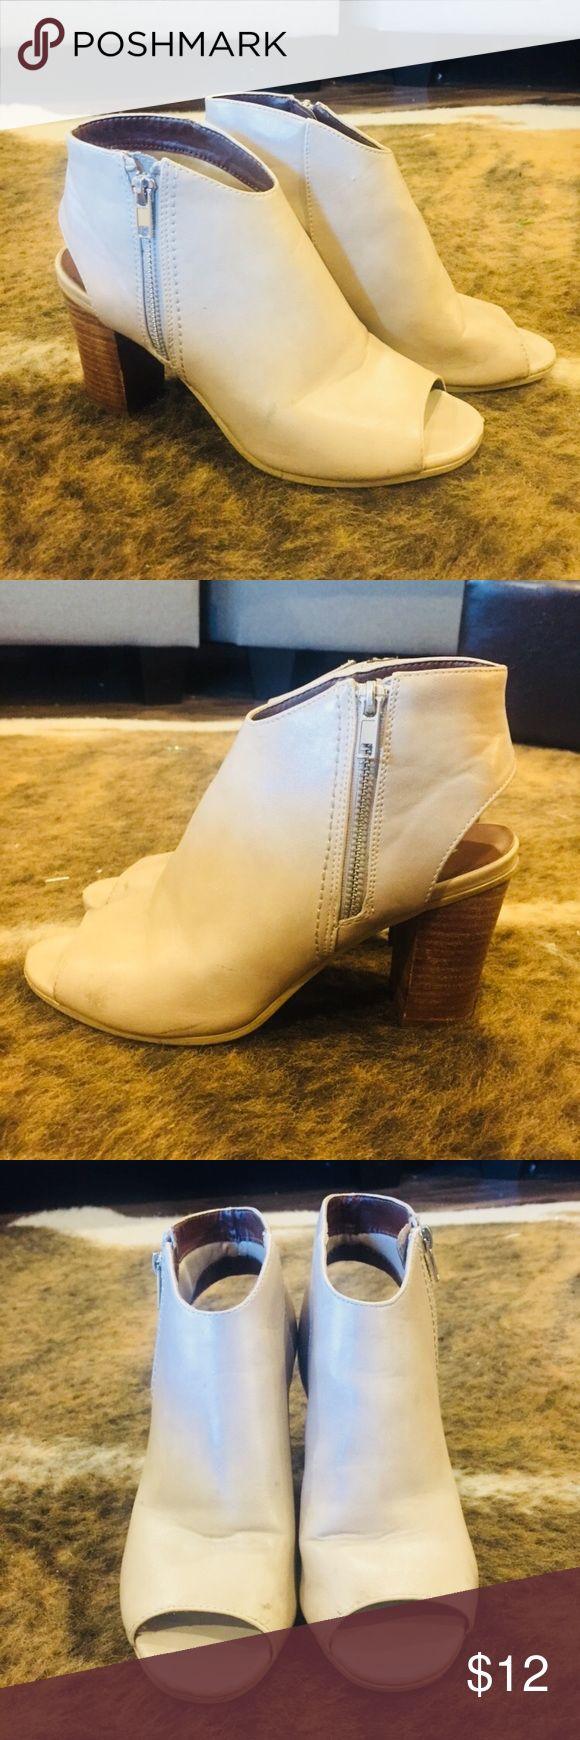 Nude Zip up Booties Nude zip up open toe & heel booties slightly worn Shoes Ankle Boots & Booties